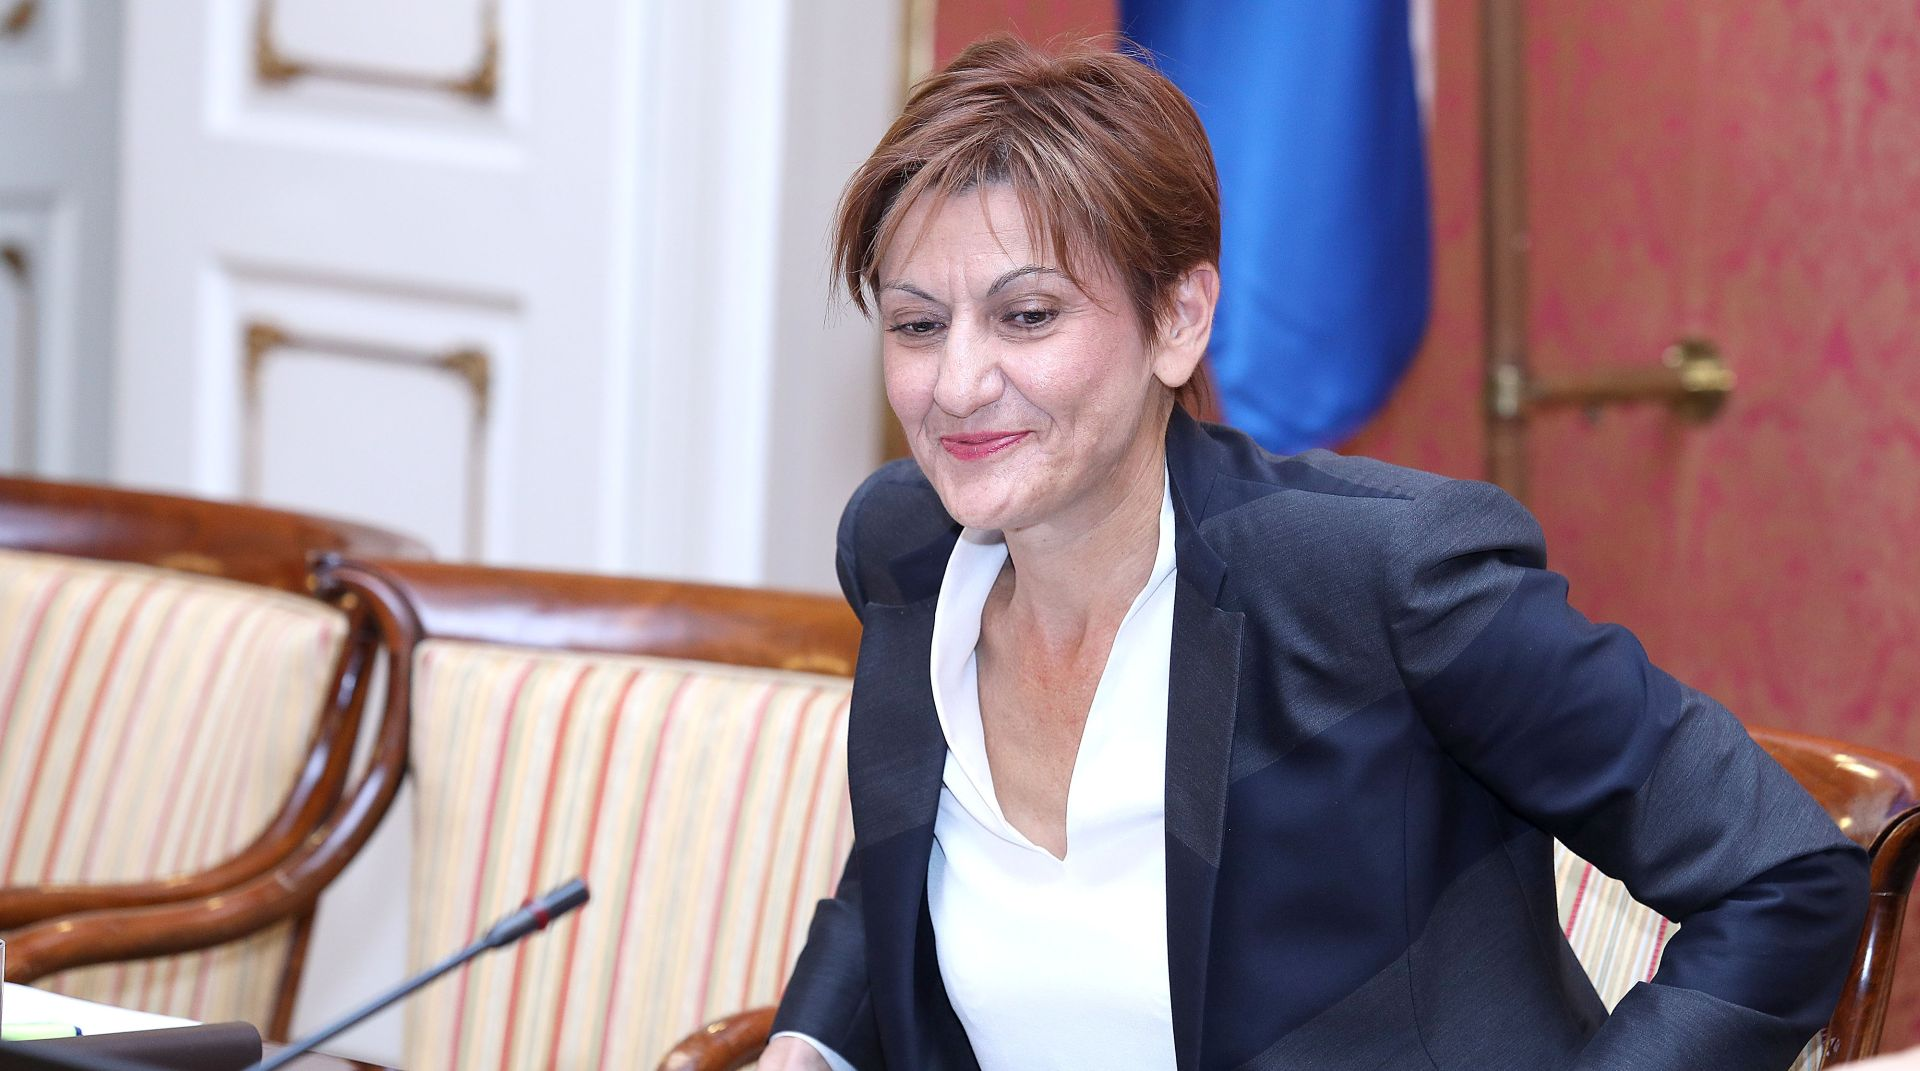 Dalić: Cilj mi je podići Hrvatsku za 10 mjesta na listi Doing Business